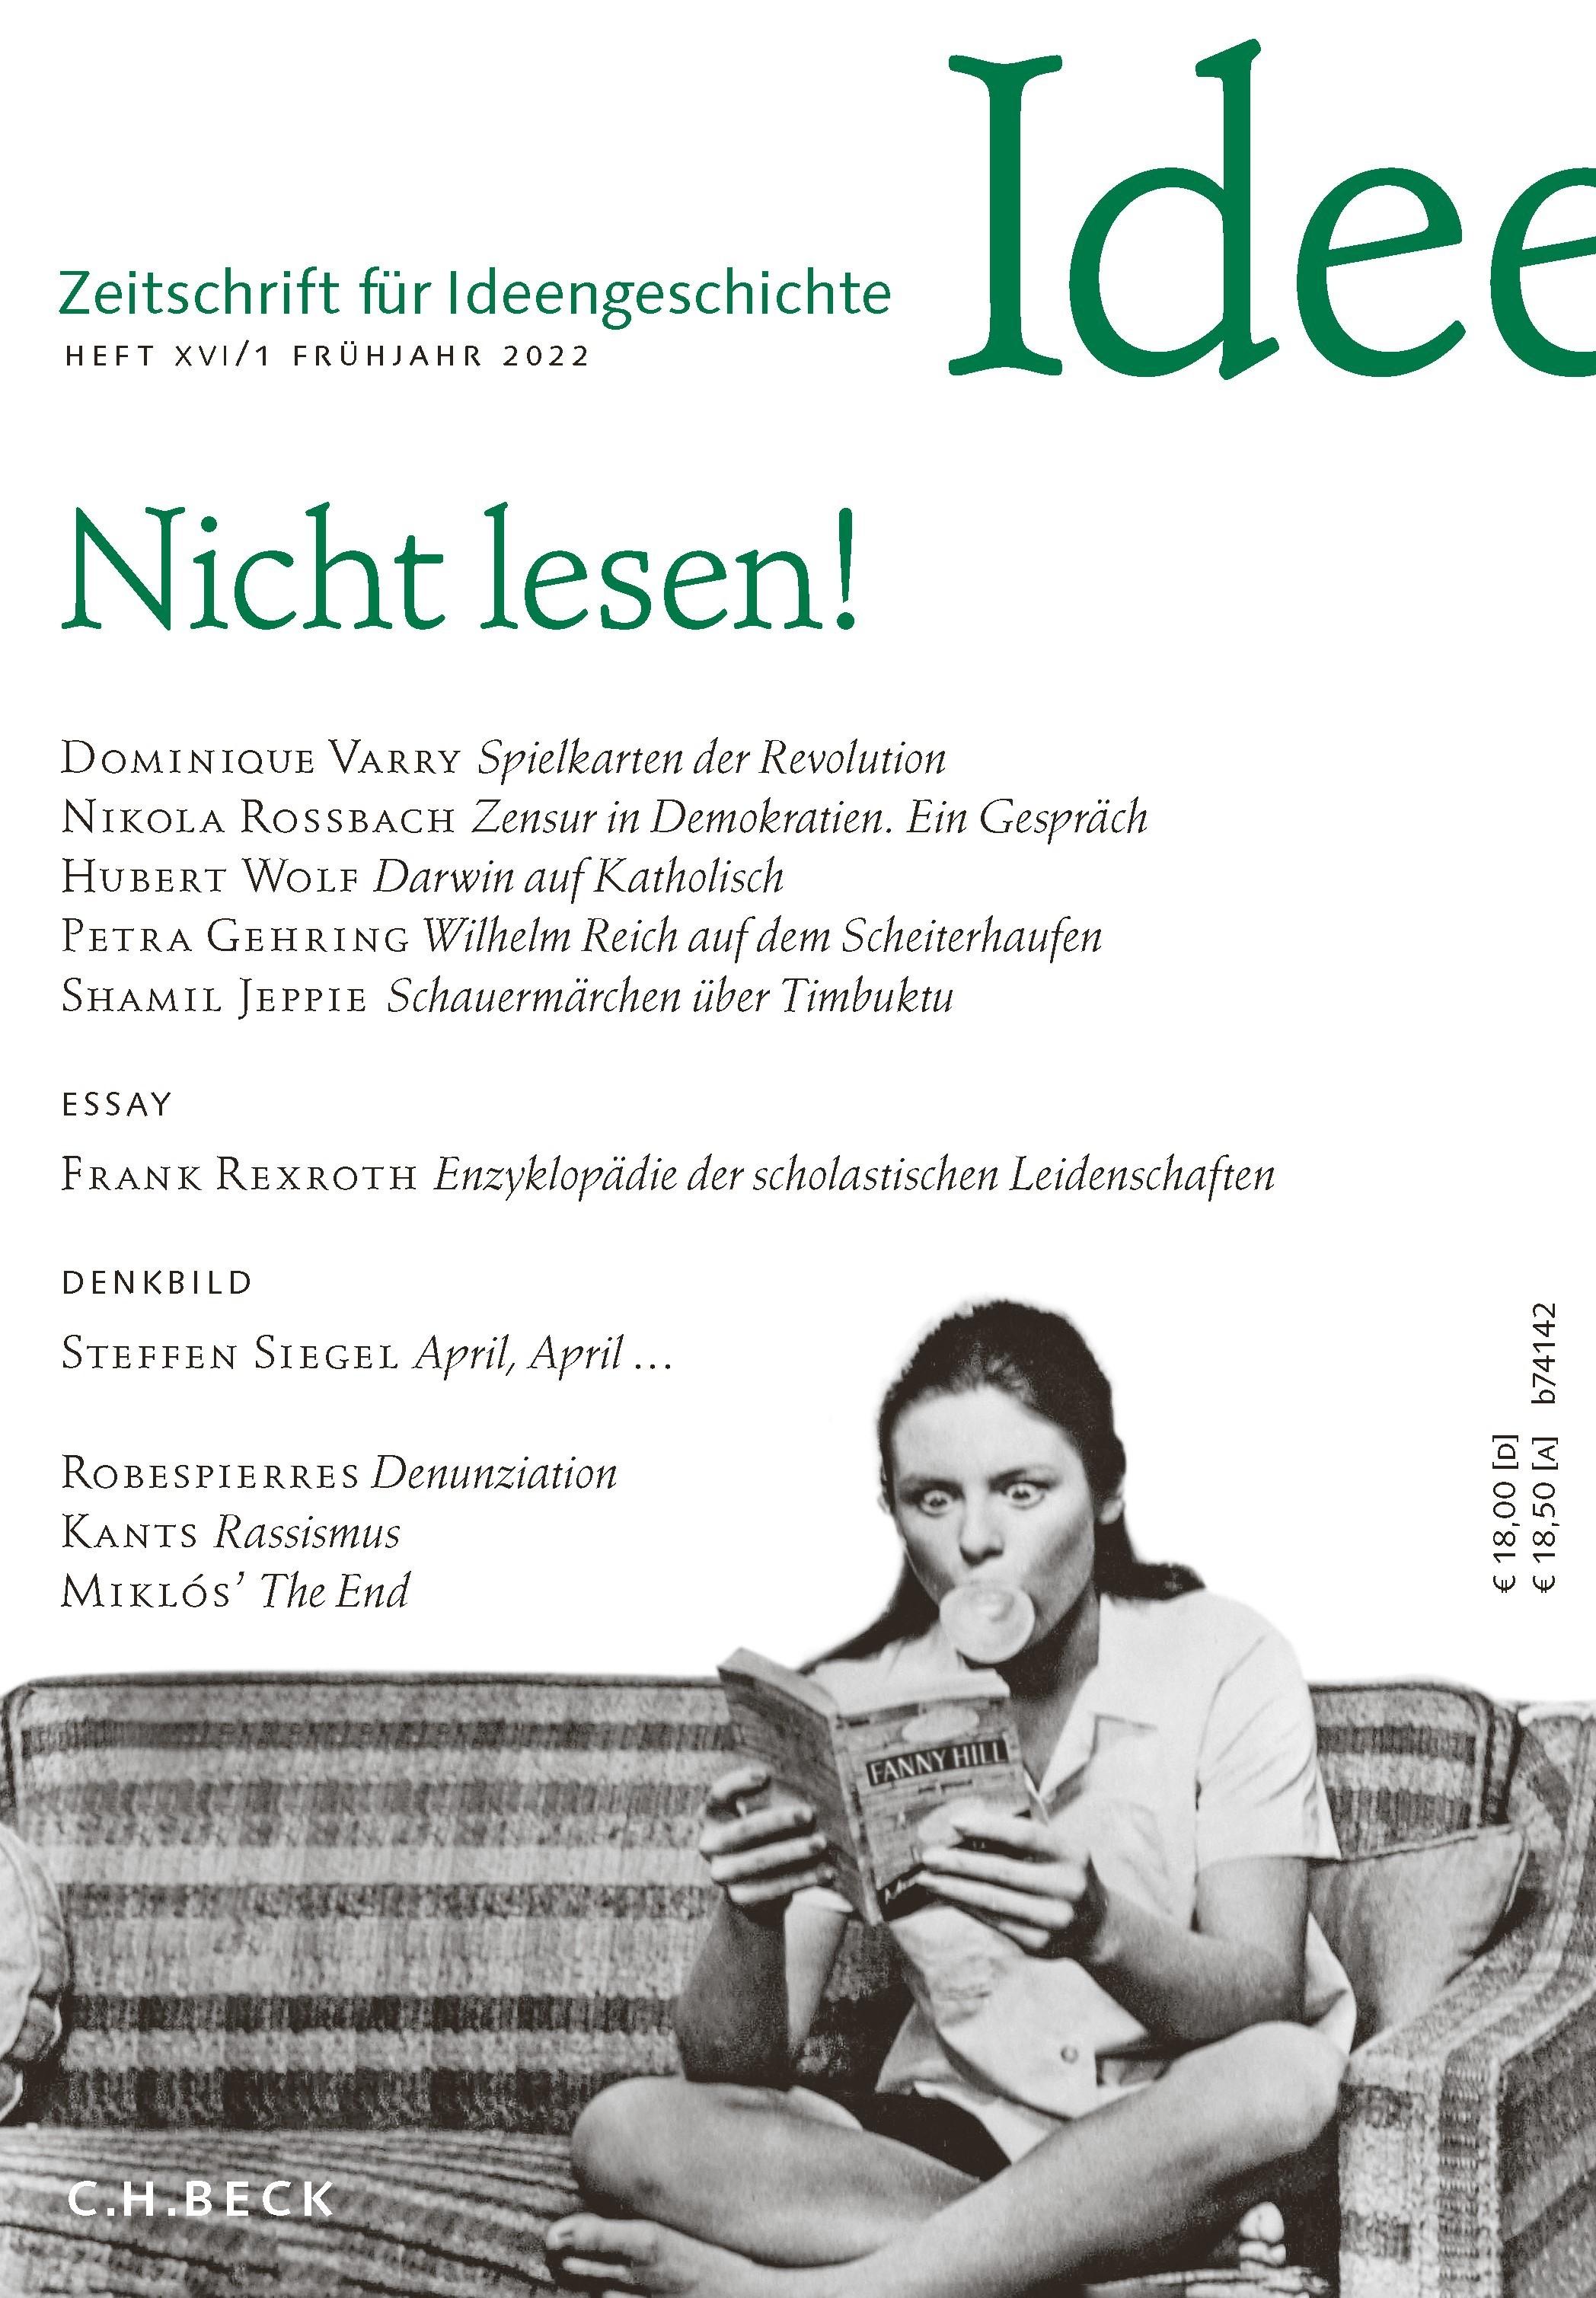 Cover des Buches 'Zeitschrift für Ideengeschichte: ZIG - Abo'